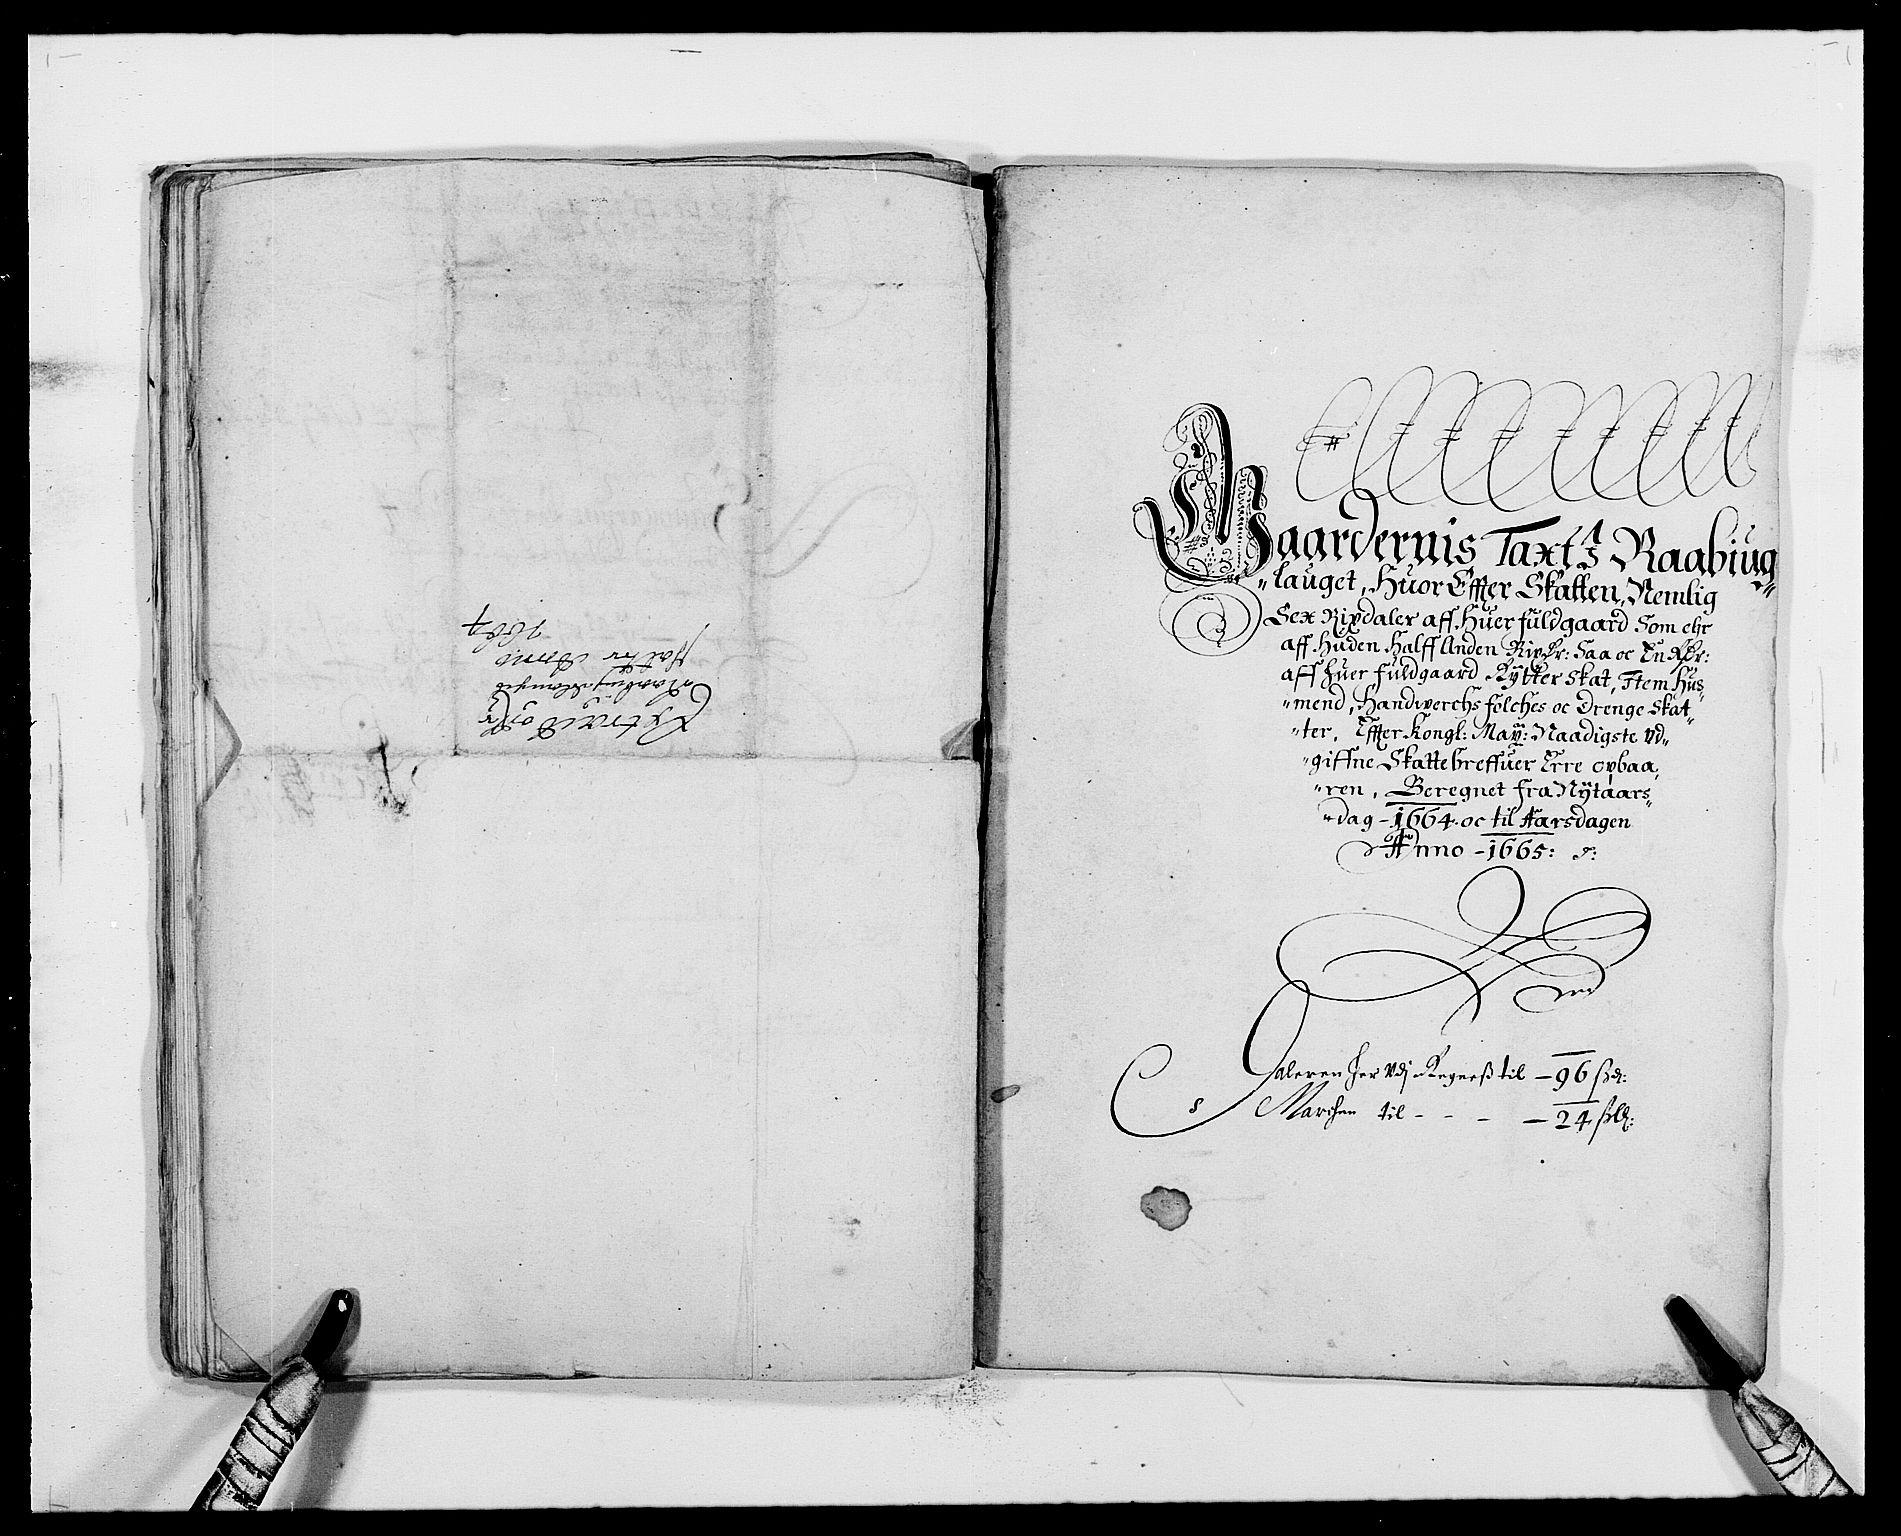 RA, Rentekammeret inntil 1814, Reviderte regnskaper, Fogderegnskap, R40/L2431: Fogderegnskap Råbyggelag, 1664-1668, s. 43